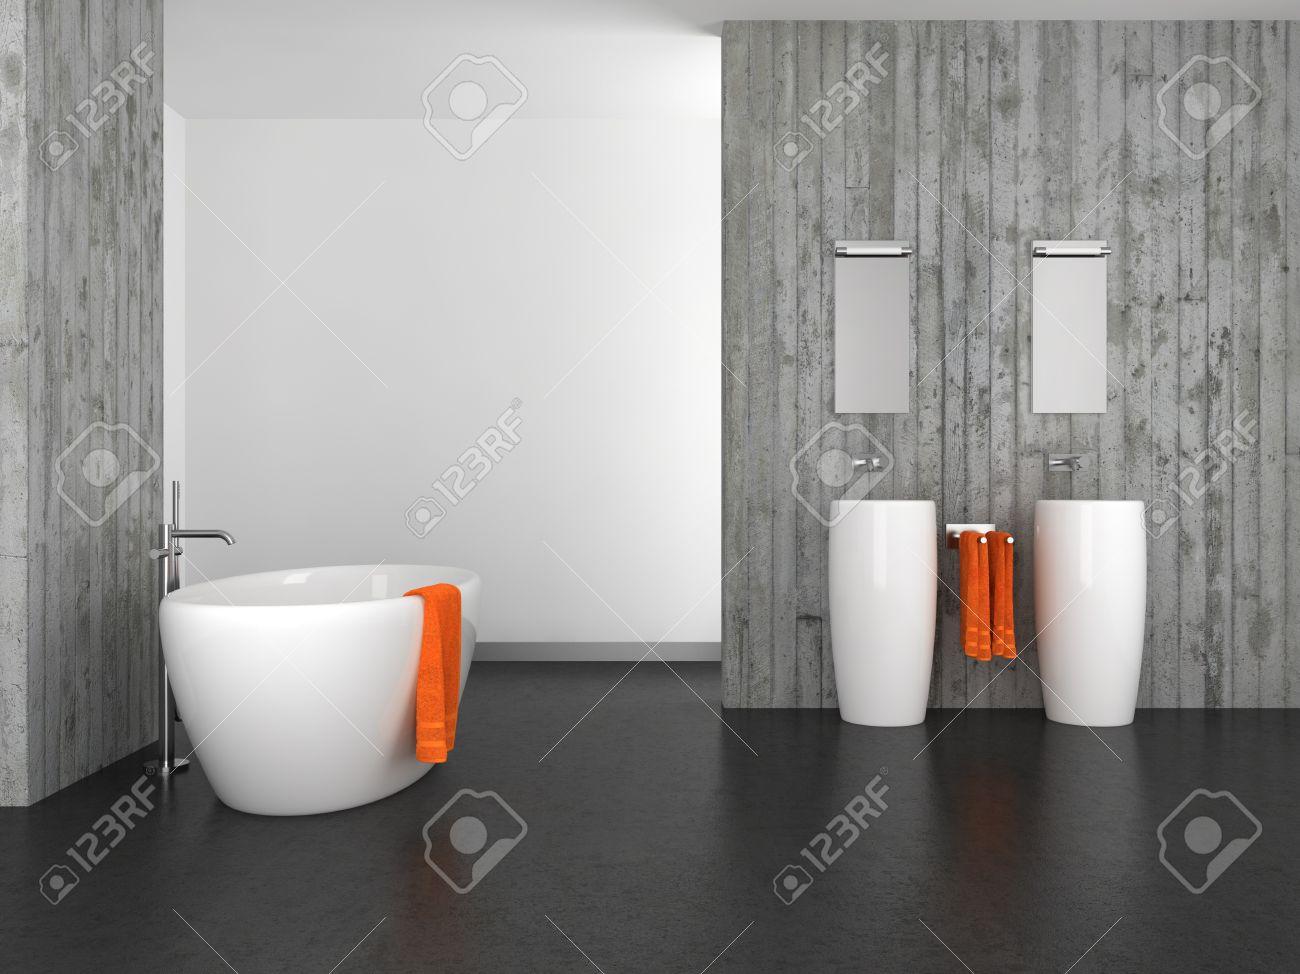 moderno bagno con doppio lavabo a muro di cemento e pavimento ... - Bagni Moderni Con Doppio Lavabo